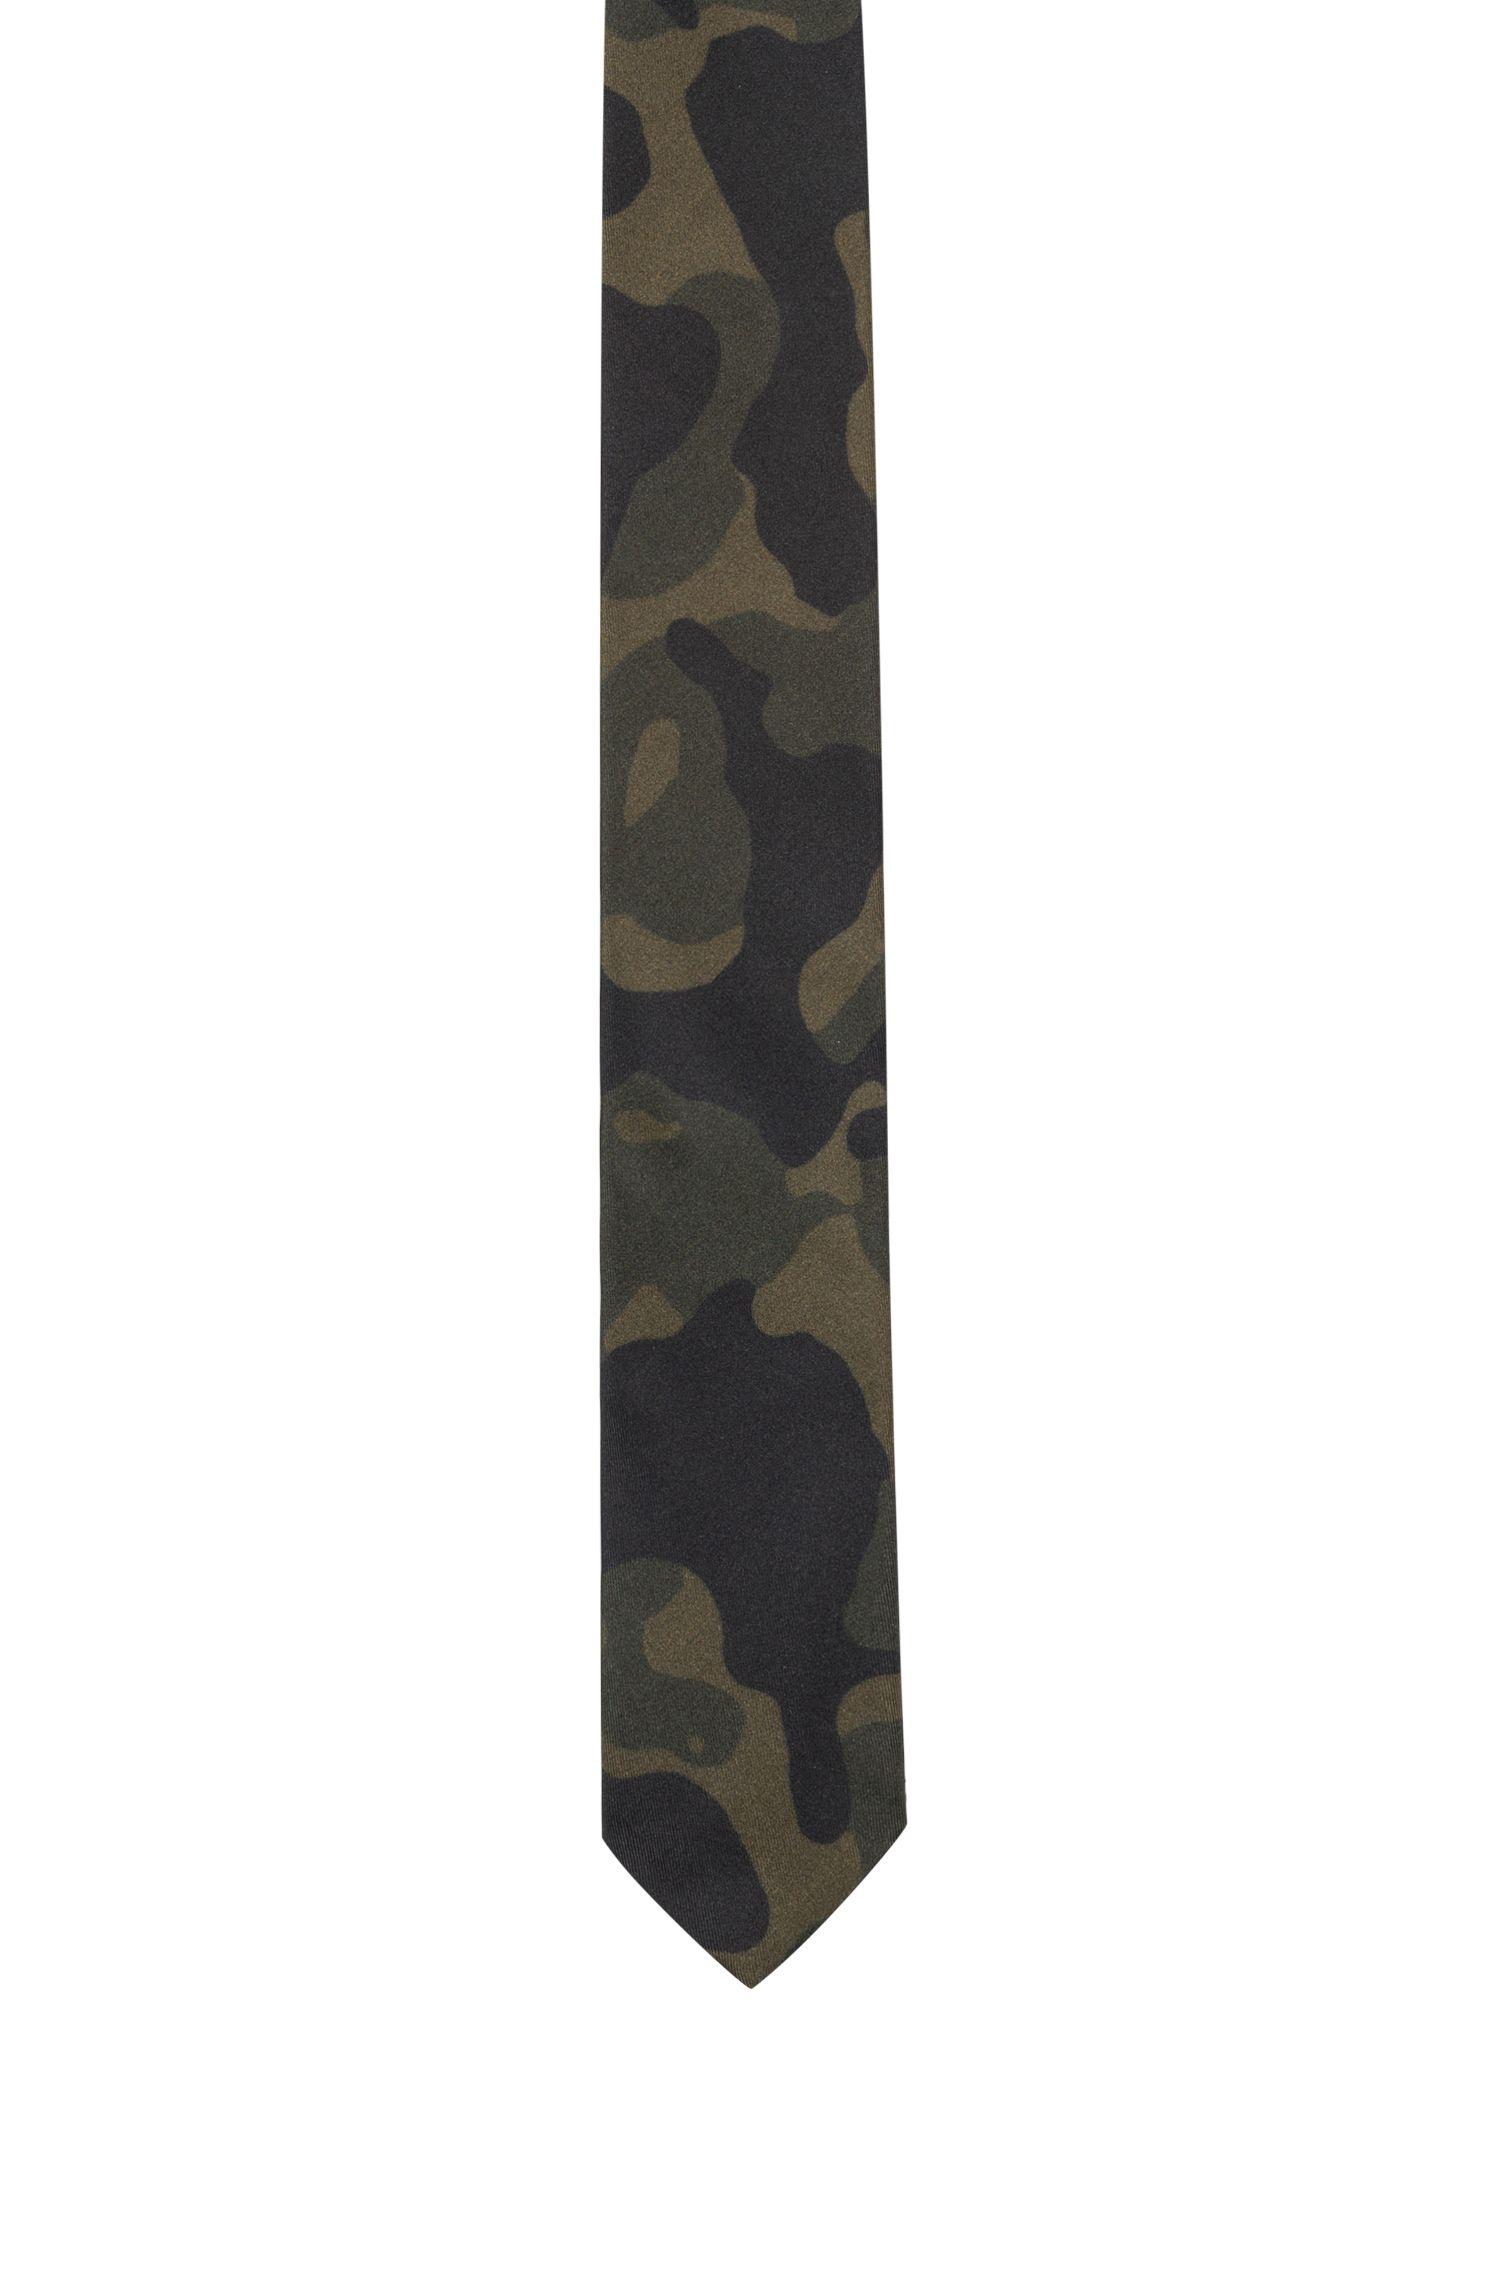 Krawatte aus Seide mit Camouflage-Print, Dunkelgrün